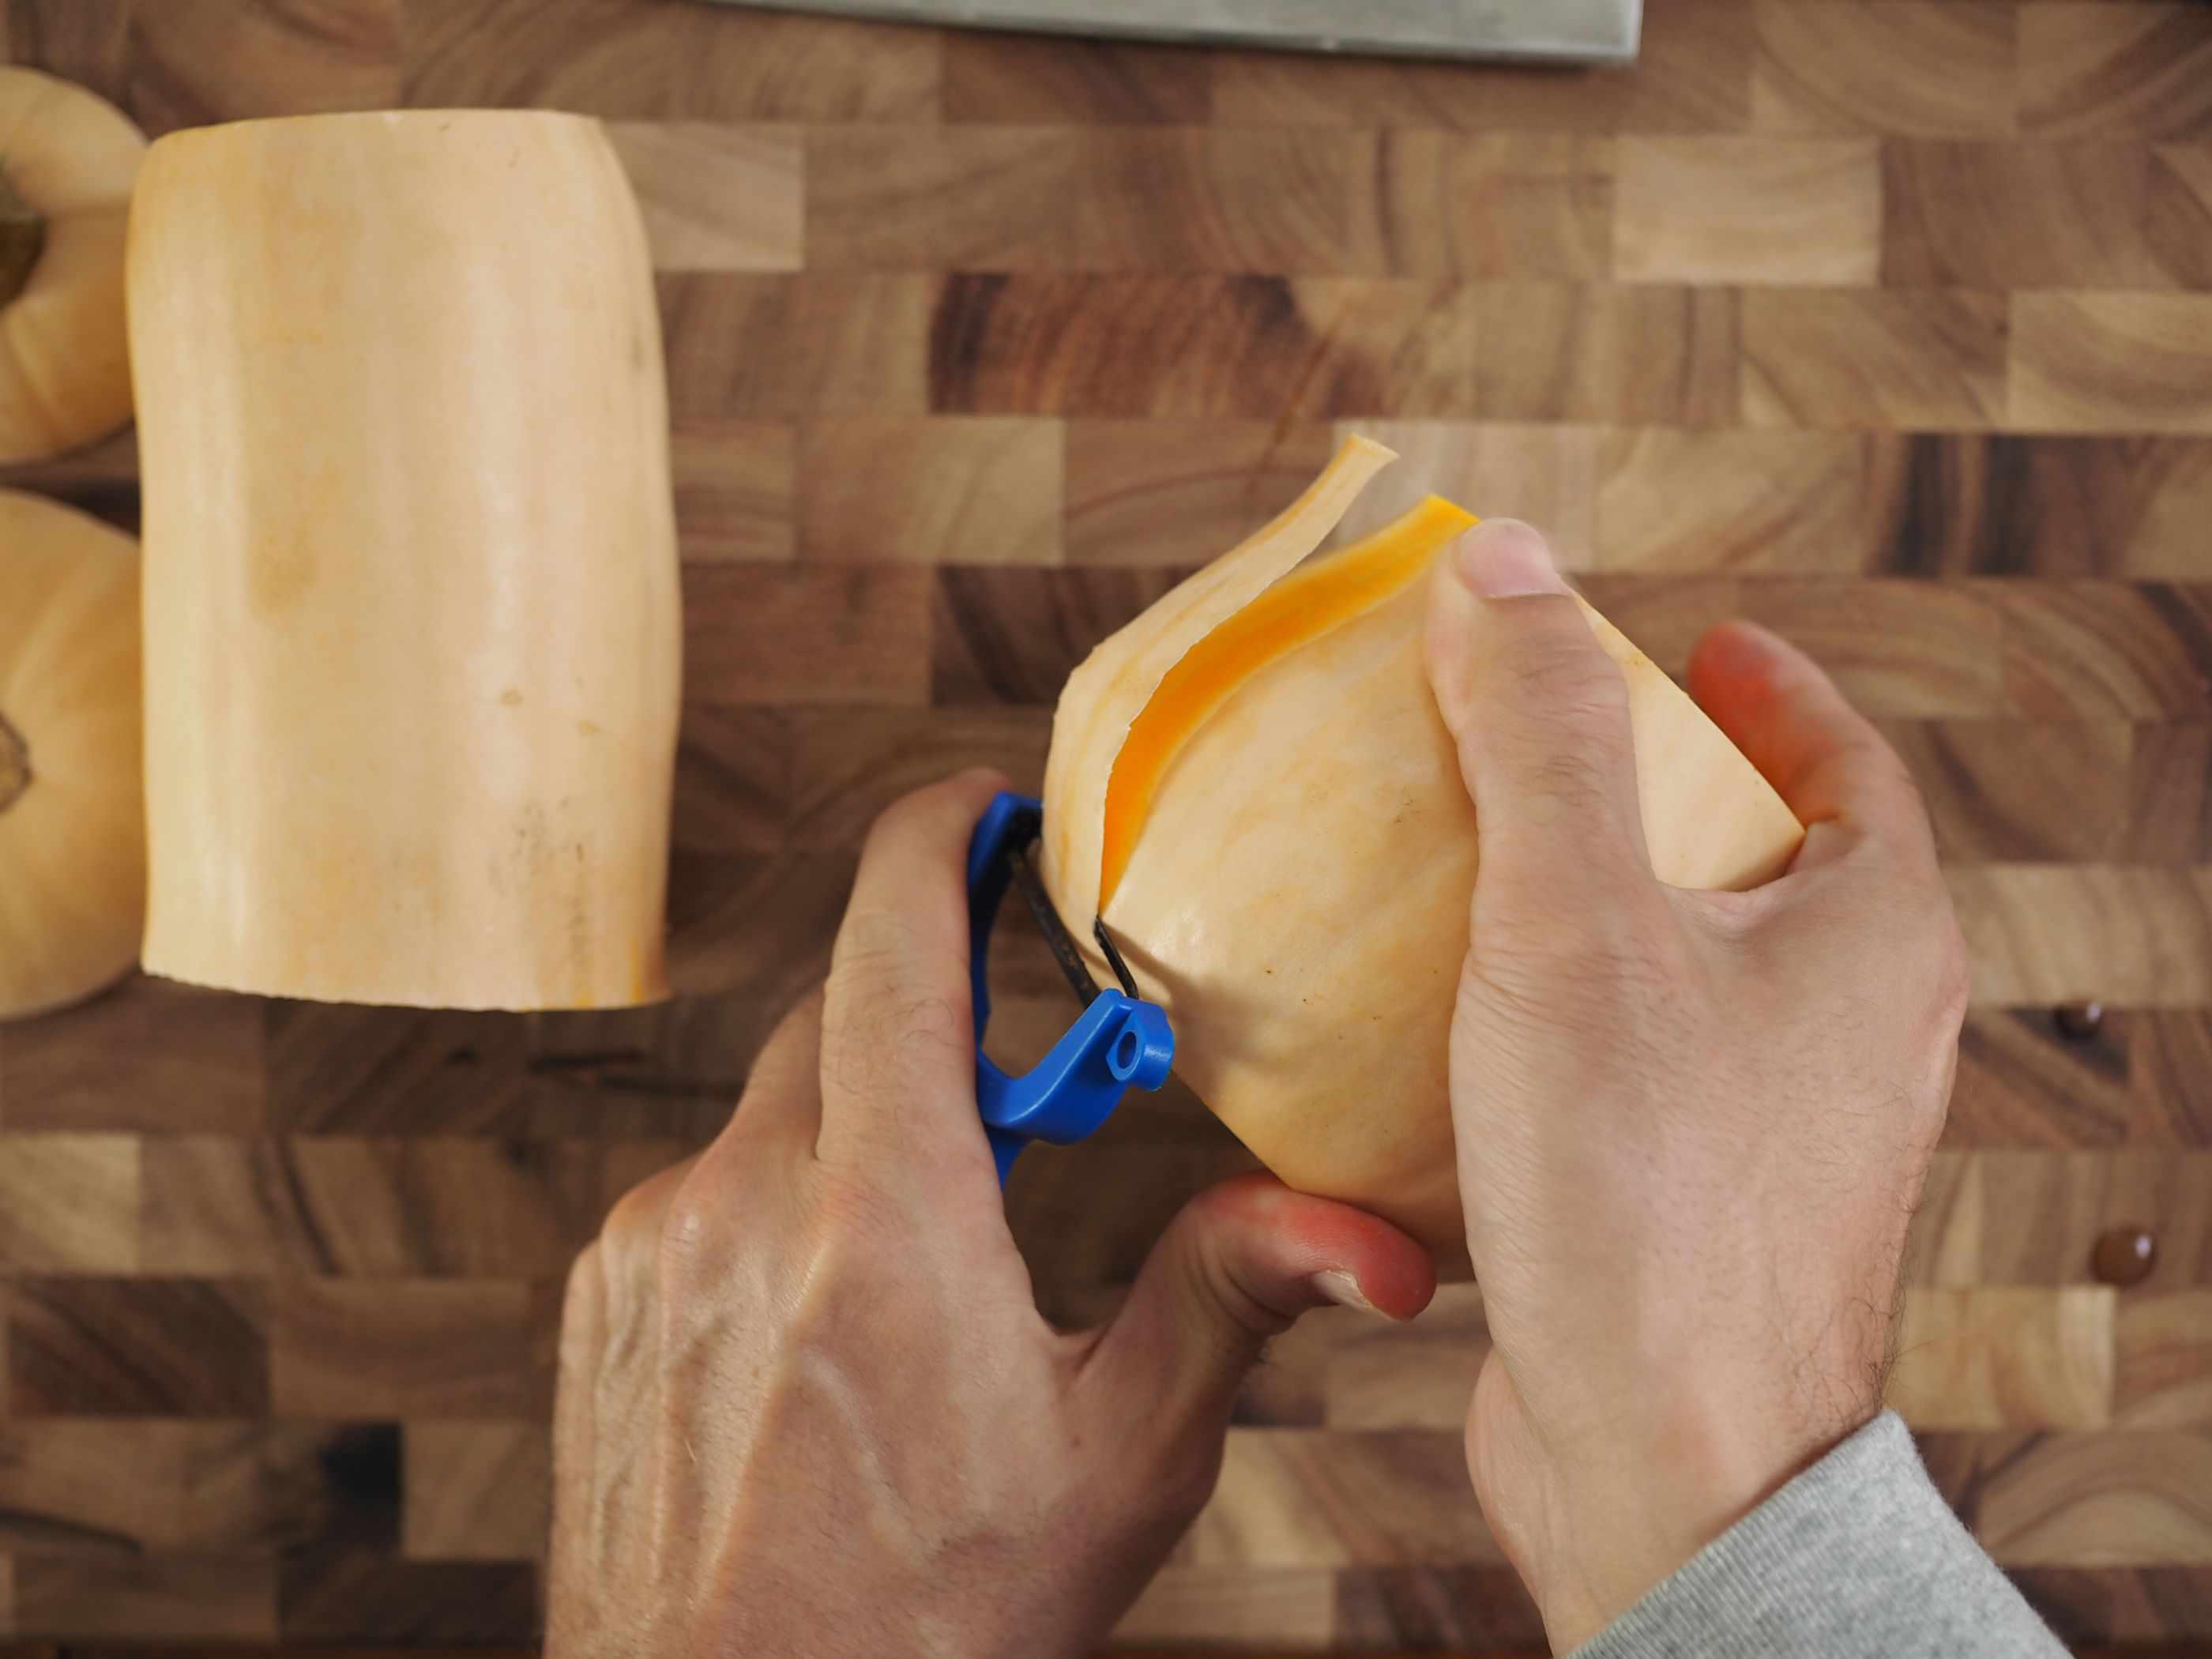 20141008-knife-skills-butternut-squash-daniel-gritzer07.jpg